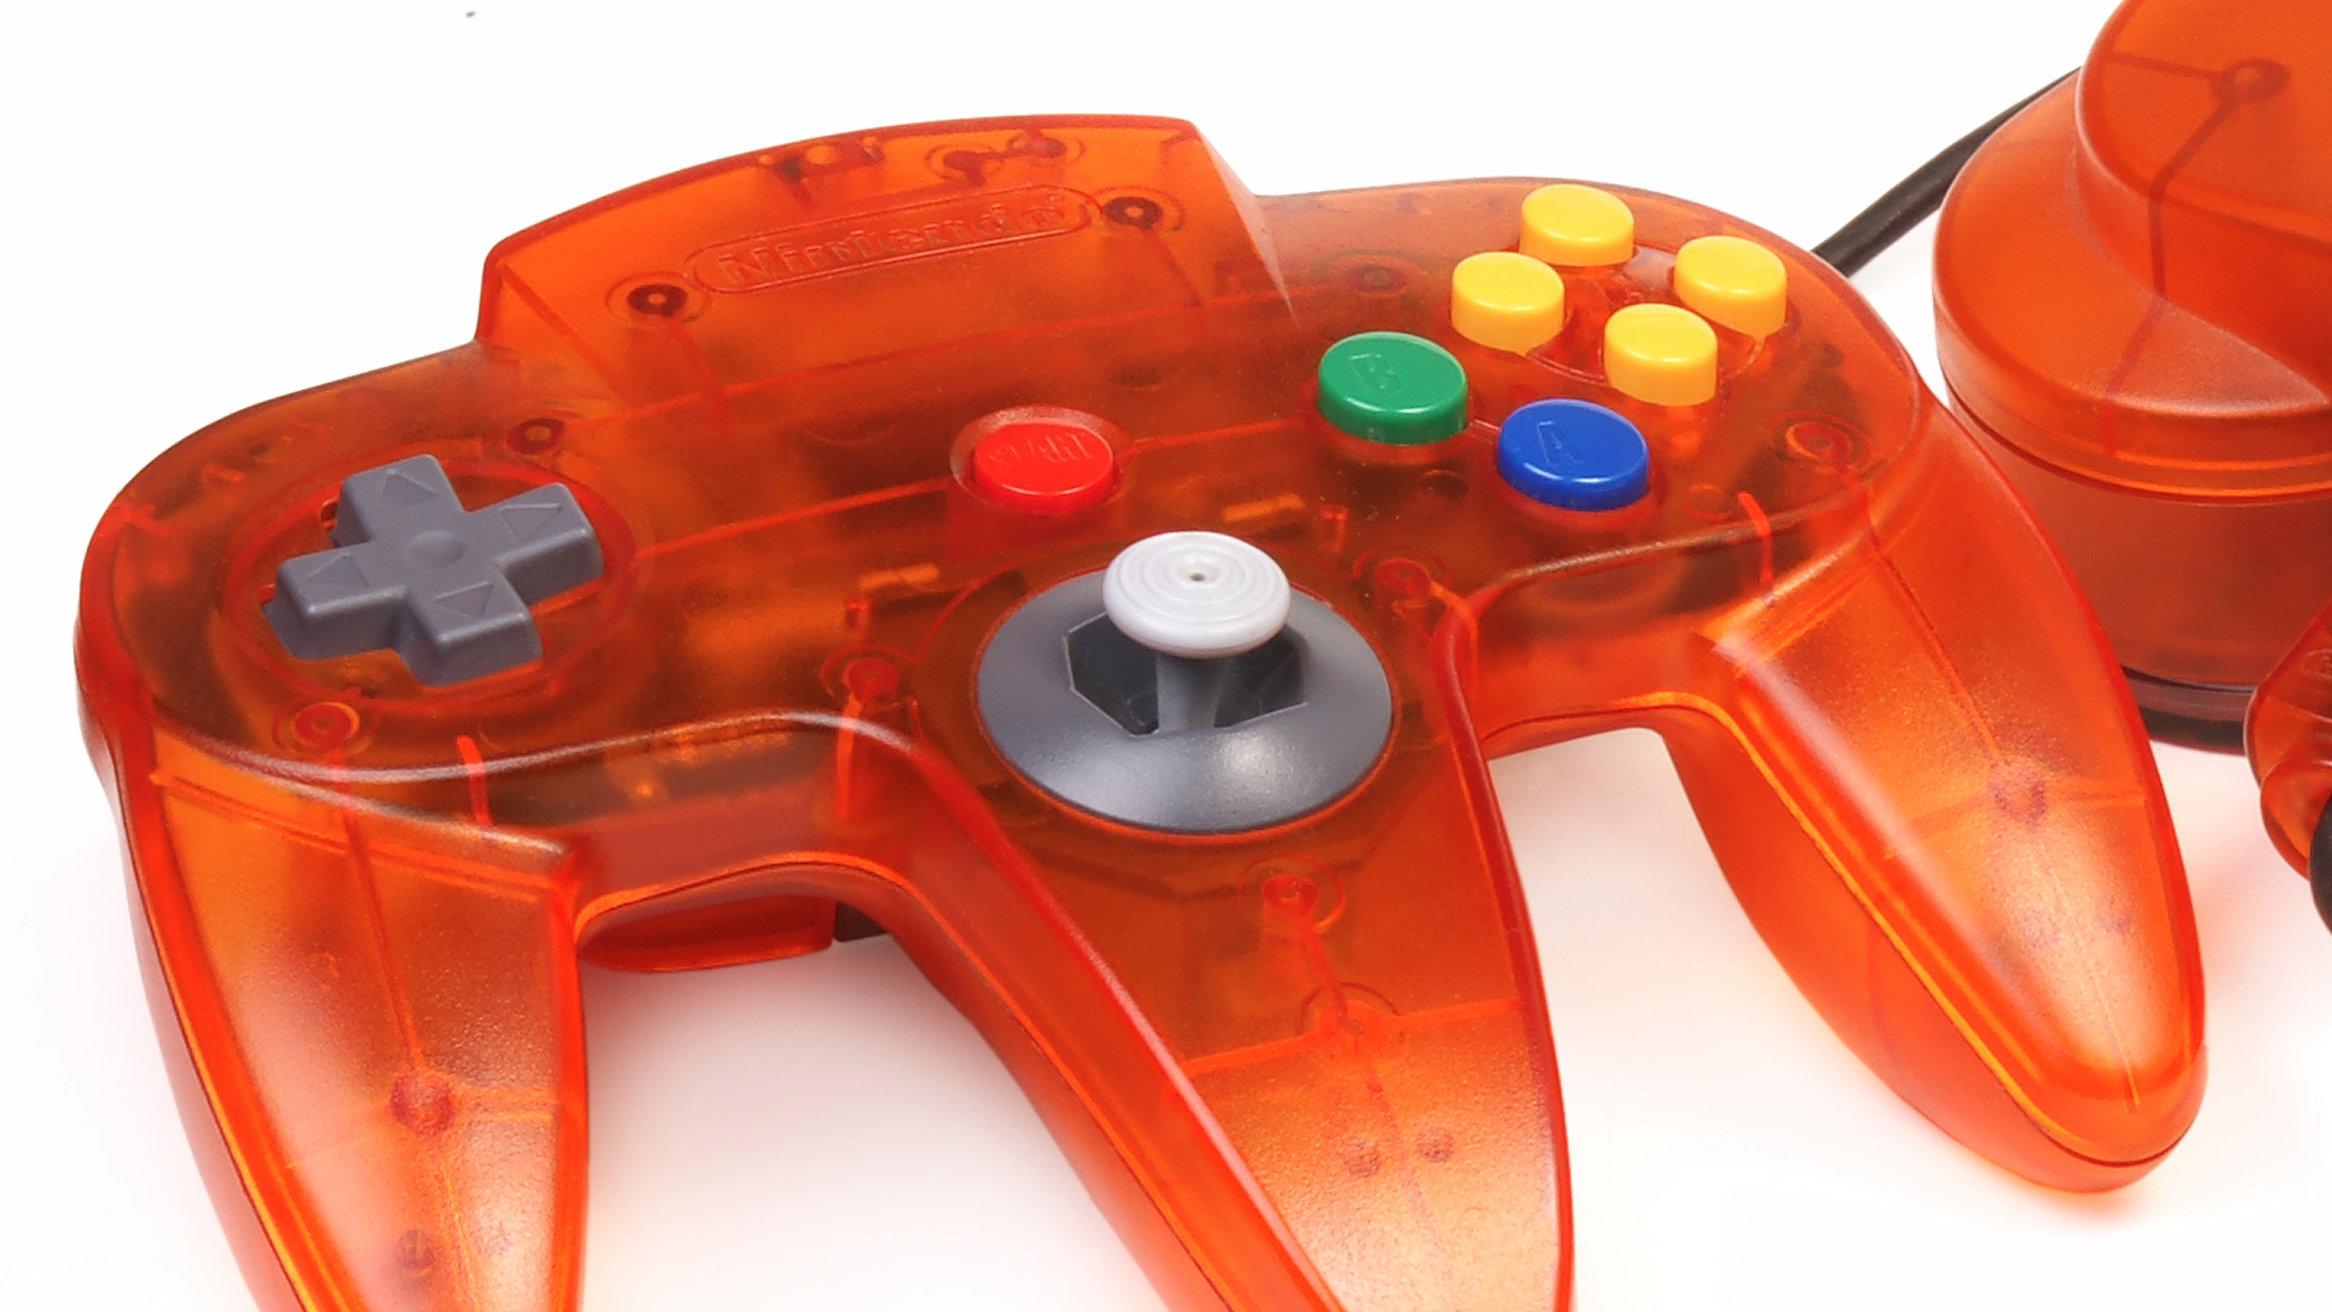 任天堂、新コントローラー。Newジョイコンや64コンなど特定